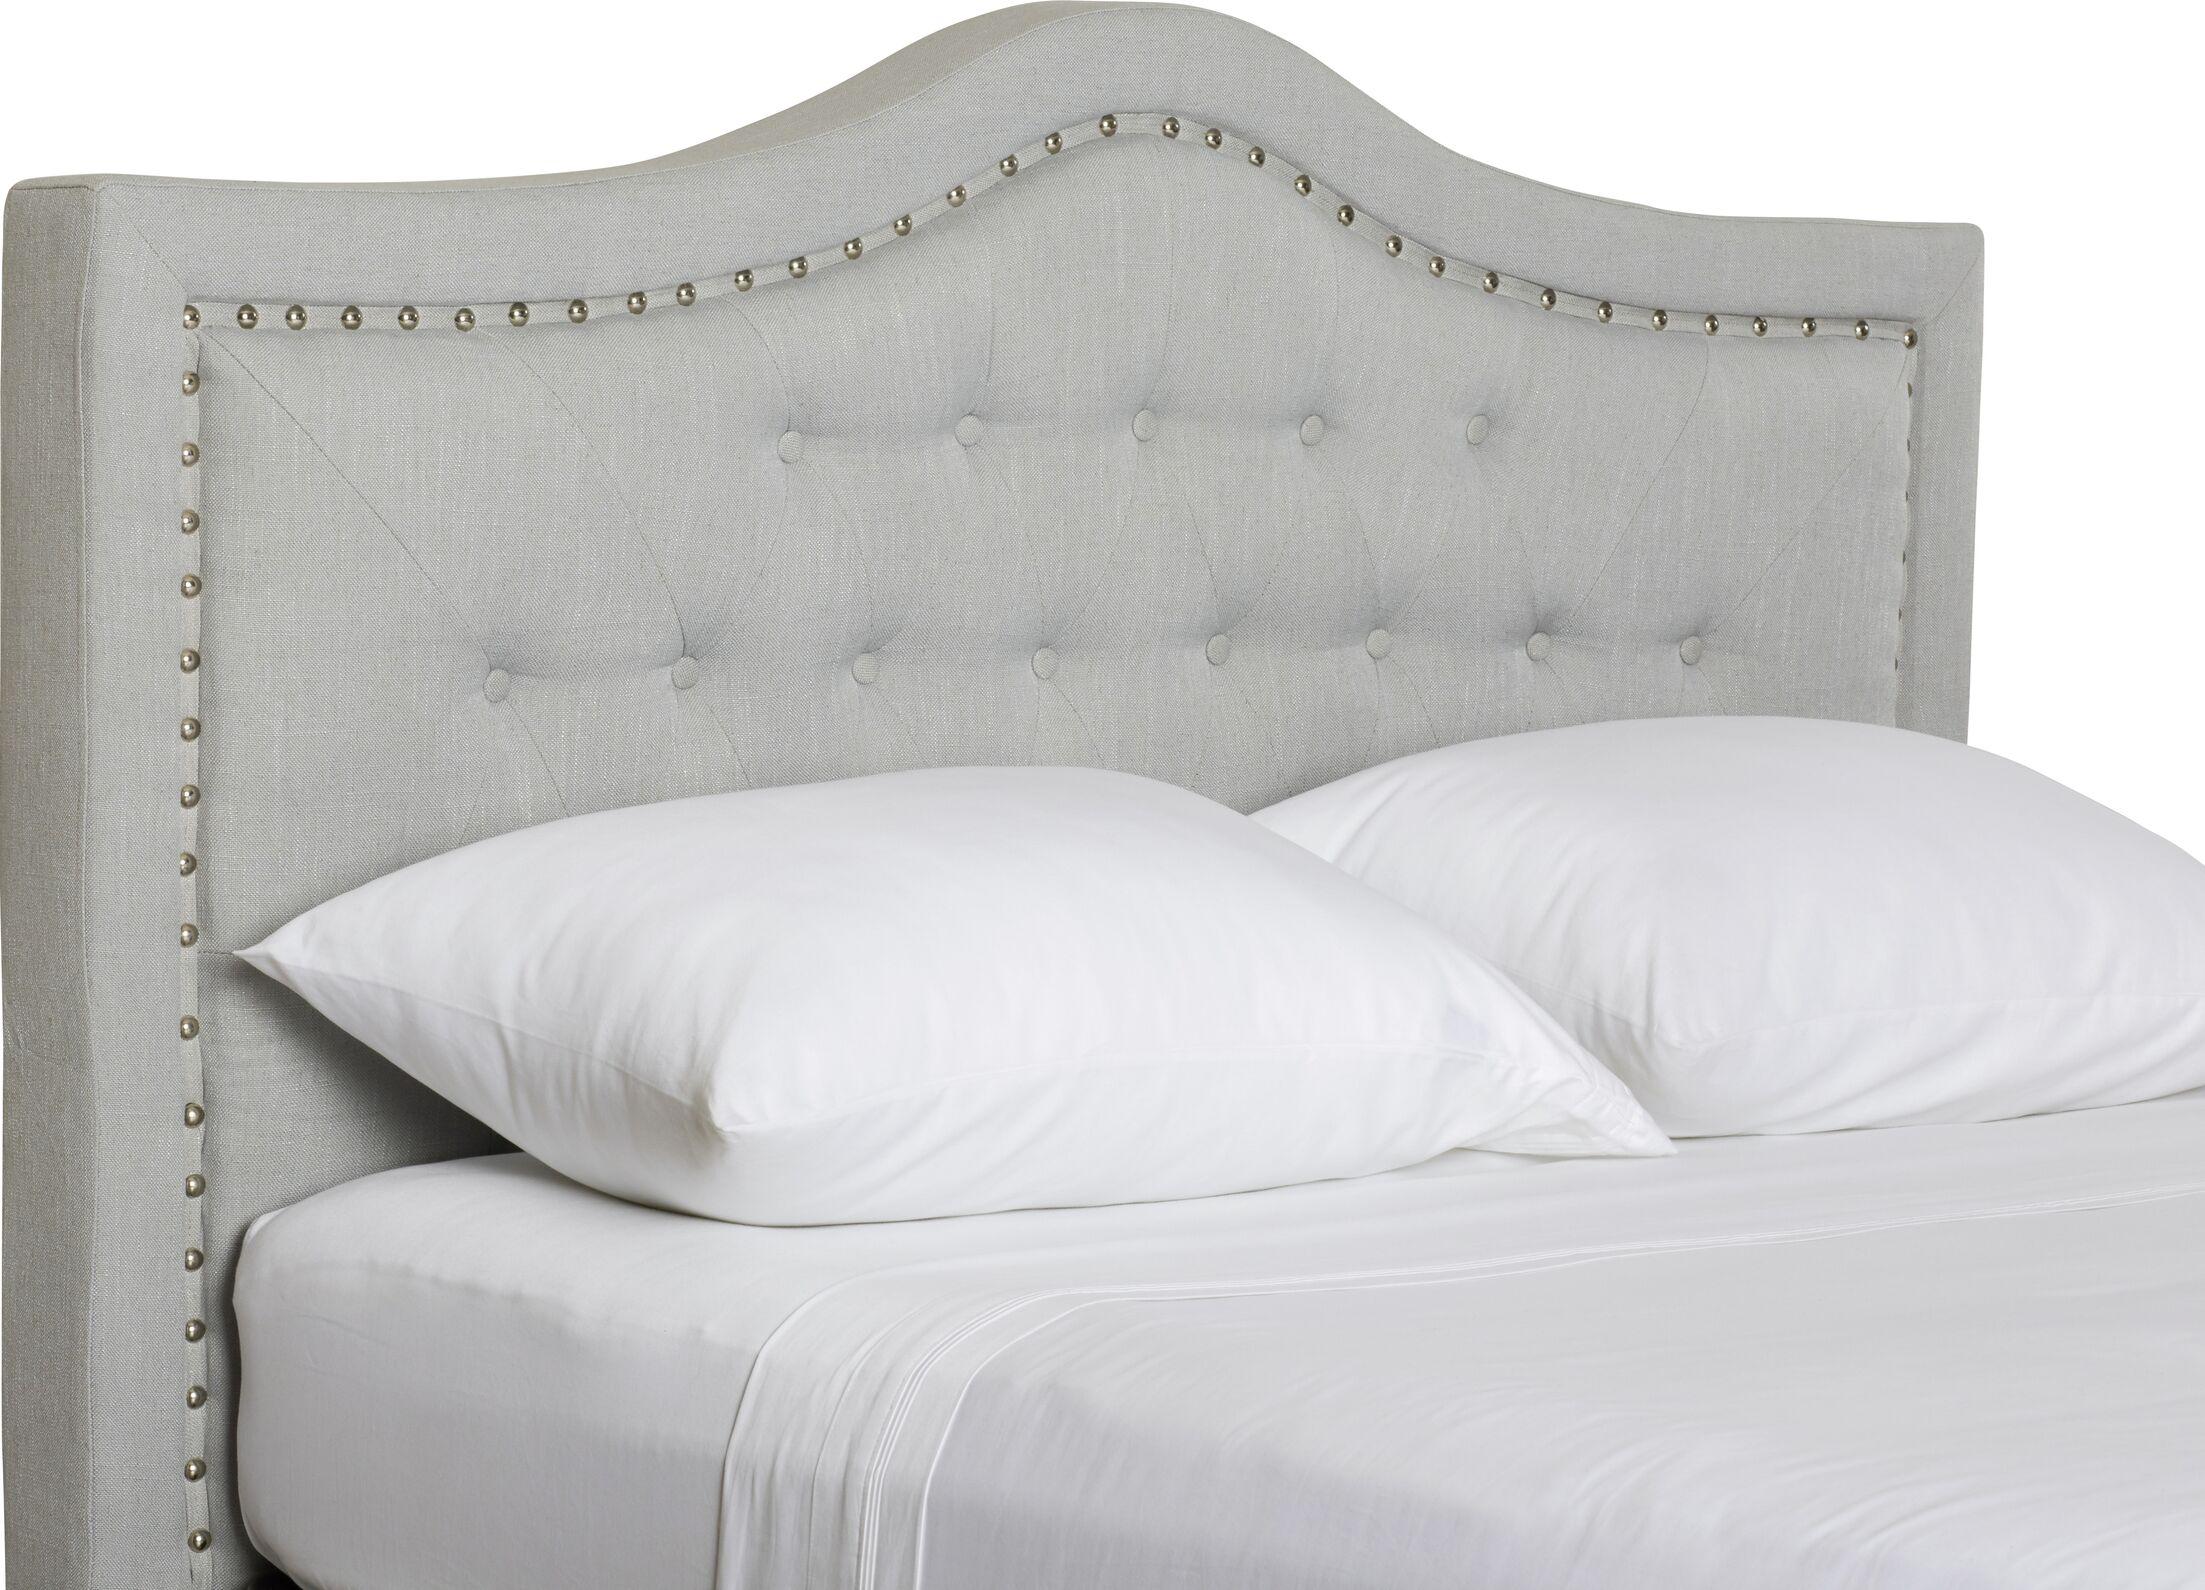 Sampson Upholstered Panel Headboard Size: Full/Queen